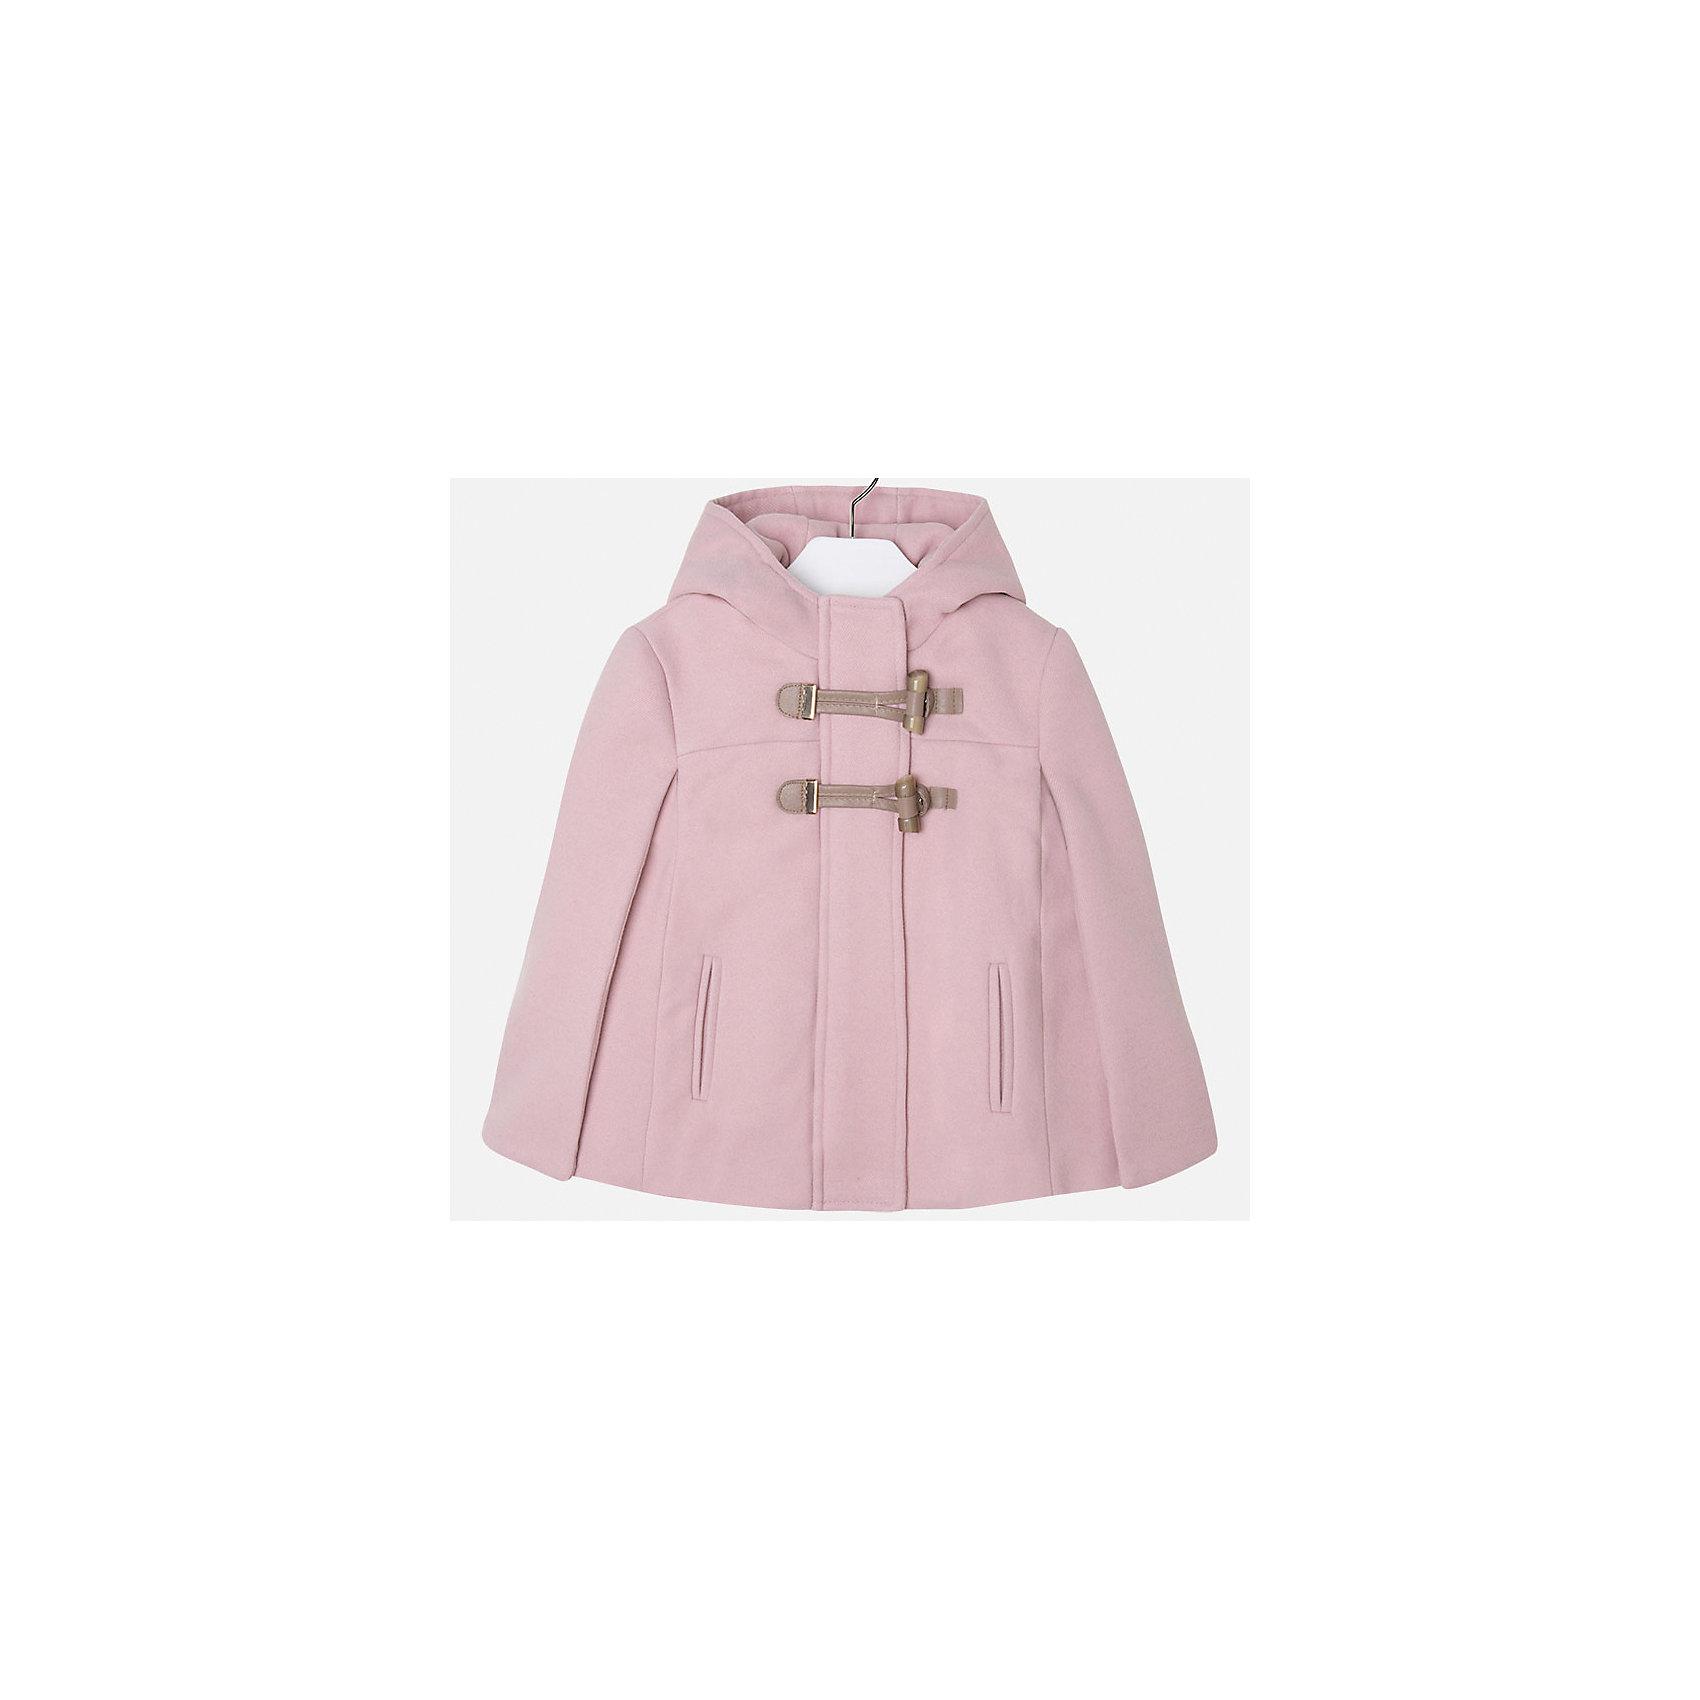 Пальто для девочки MayoralПончо для девочки от известного испанского бренда Mayoral.  Модель изготовлена из качественных тканей. Есть капюшон и две крупные застежки-пуговицы спереди. Пончо нежного розового цвета прекрасно подойдет юной принцессе!<br>Дополнительная информация:<br>-2 крупных застежки-пуговицы<br>-капюшон<br>-цвет: розовый<br>-состав: 90% полиэстер, 8% вискоза, 2% эластан<br>Пончо Mayoral вы можете приобрести в нашем интернет-магазине.<br><br>Ширина мм: 199<br>Глубина мм: 10<br>Высота мм: 161<br>Вес г: 151<br>Цвет: розовый<br>Возраст от месяцев: 60<br>Возраст до месяцев: 72<br>Пол: Женский<br>Возраст: Детский<br>Размер: 116,122,104,98,110,128,134<br>SKU: 4846668